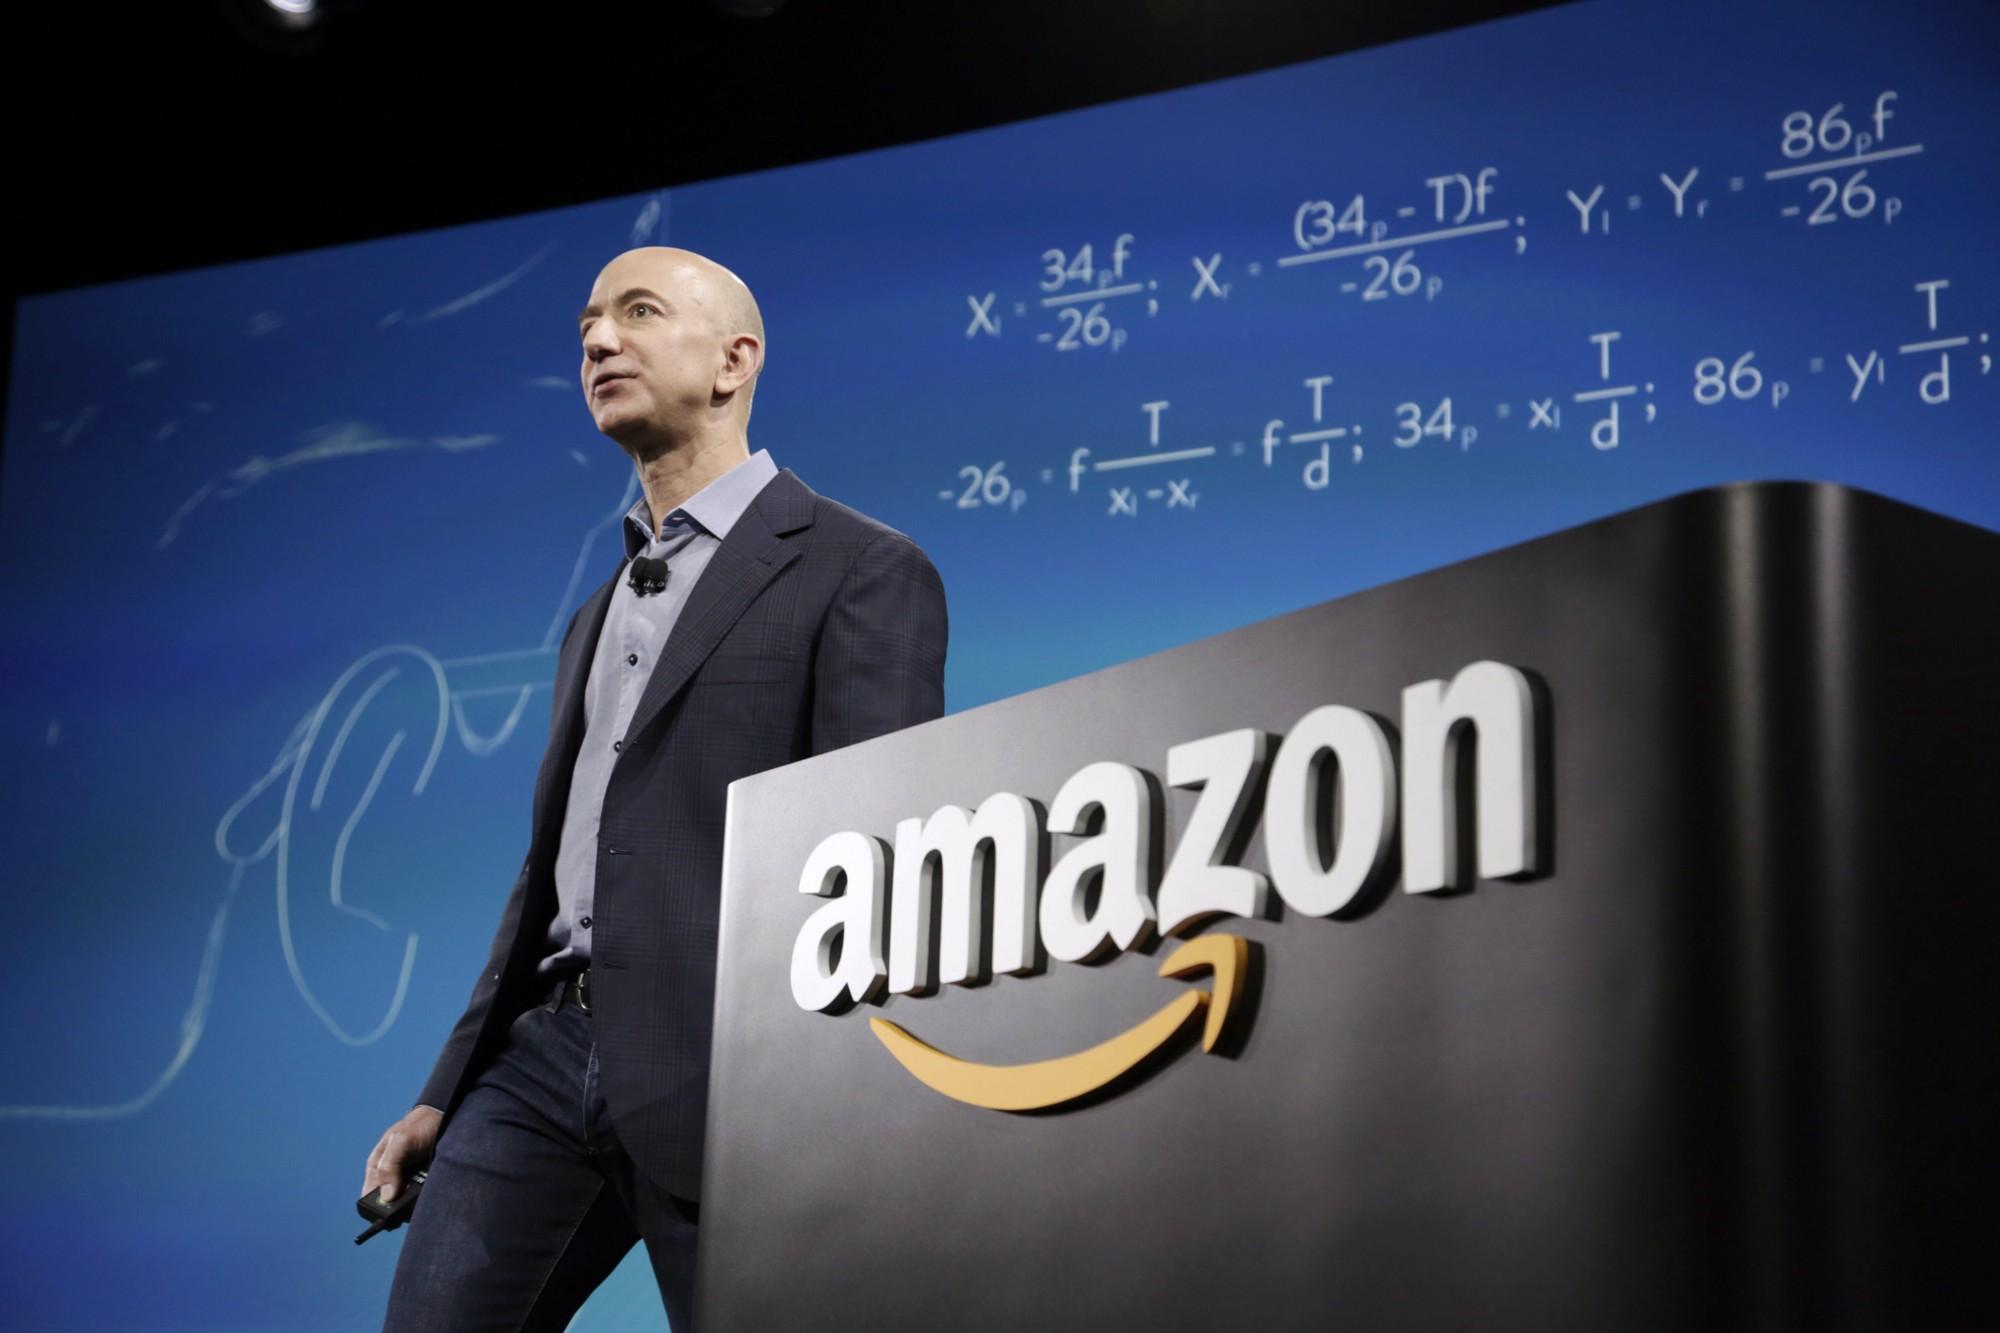 電商之王到雲端霸主,Amazon的崛起之路與營運現況|大和有話說